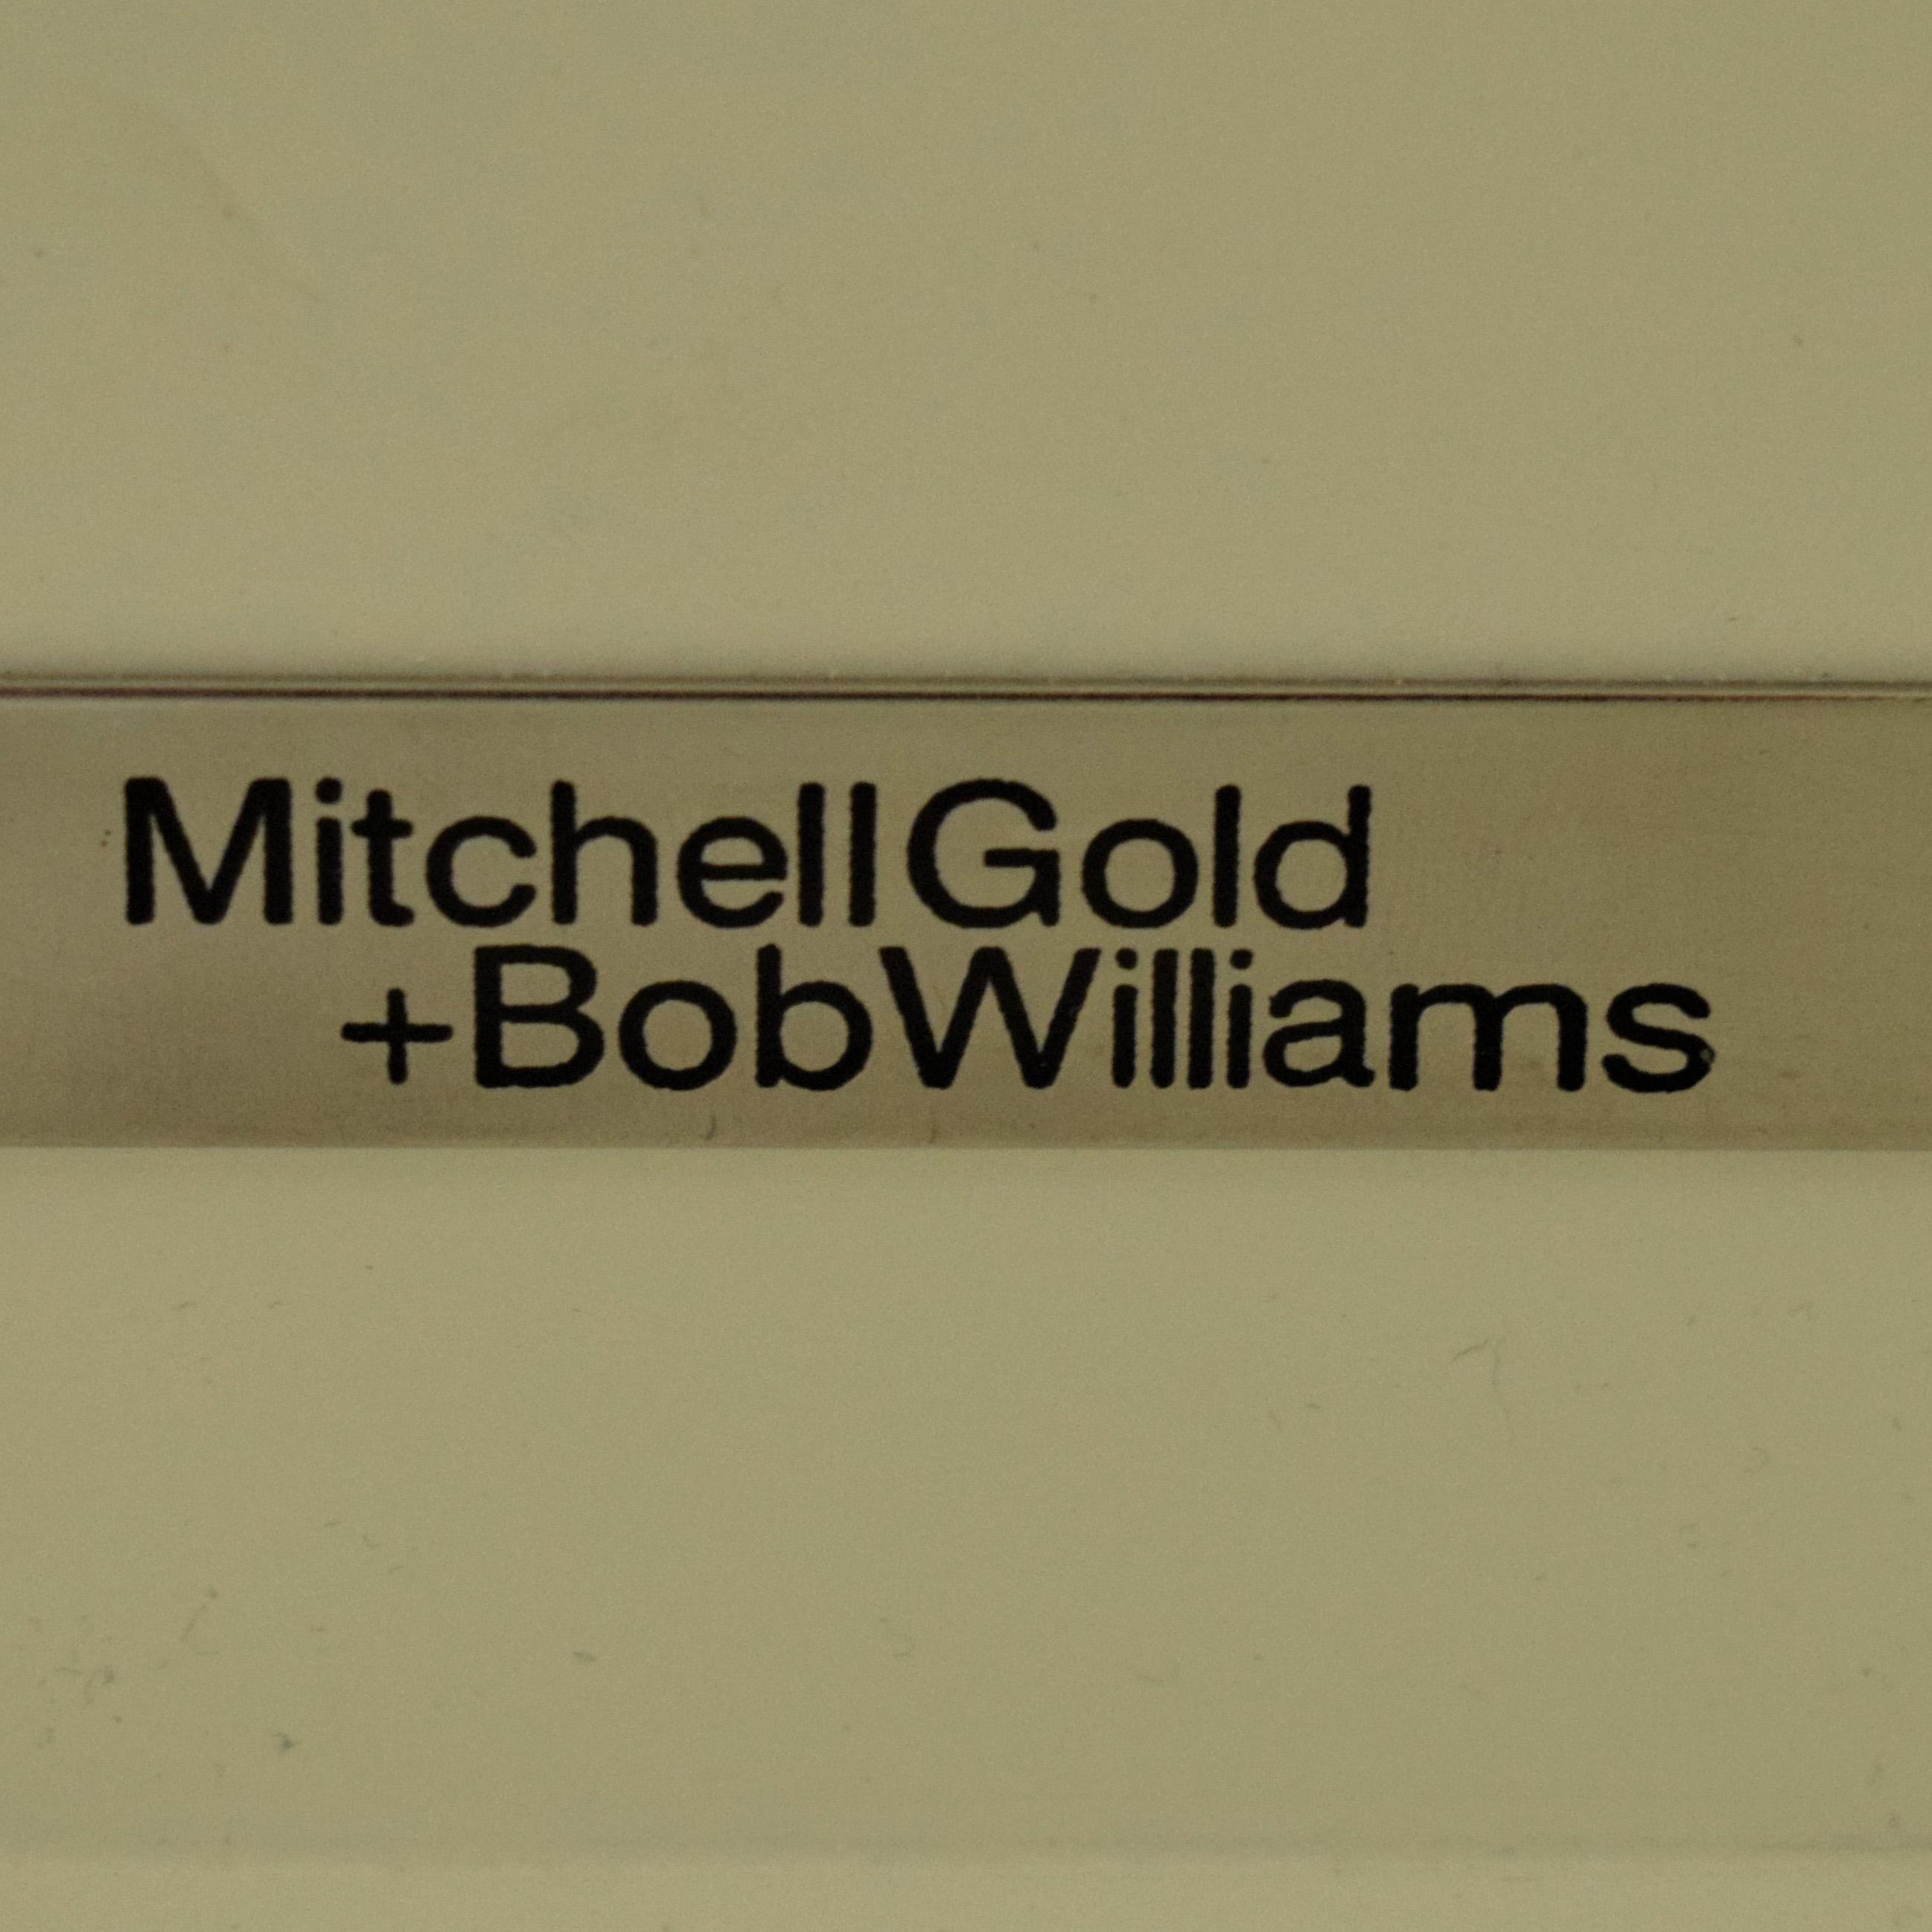 Mitchell Gold + Bob Williams Mitchell Gold + Bob Williams Lawson Bar nj